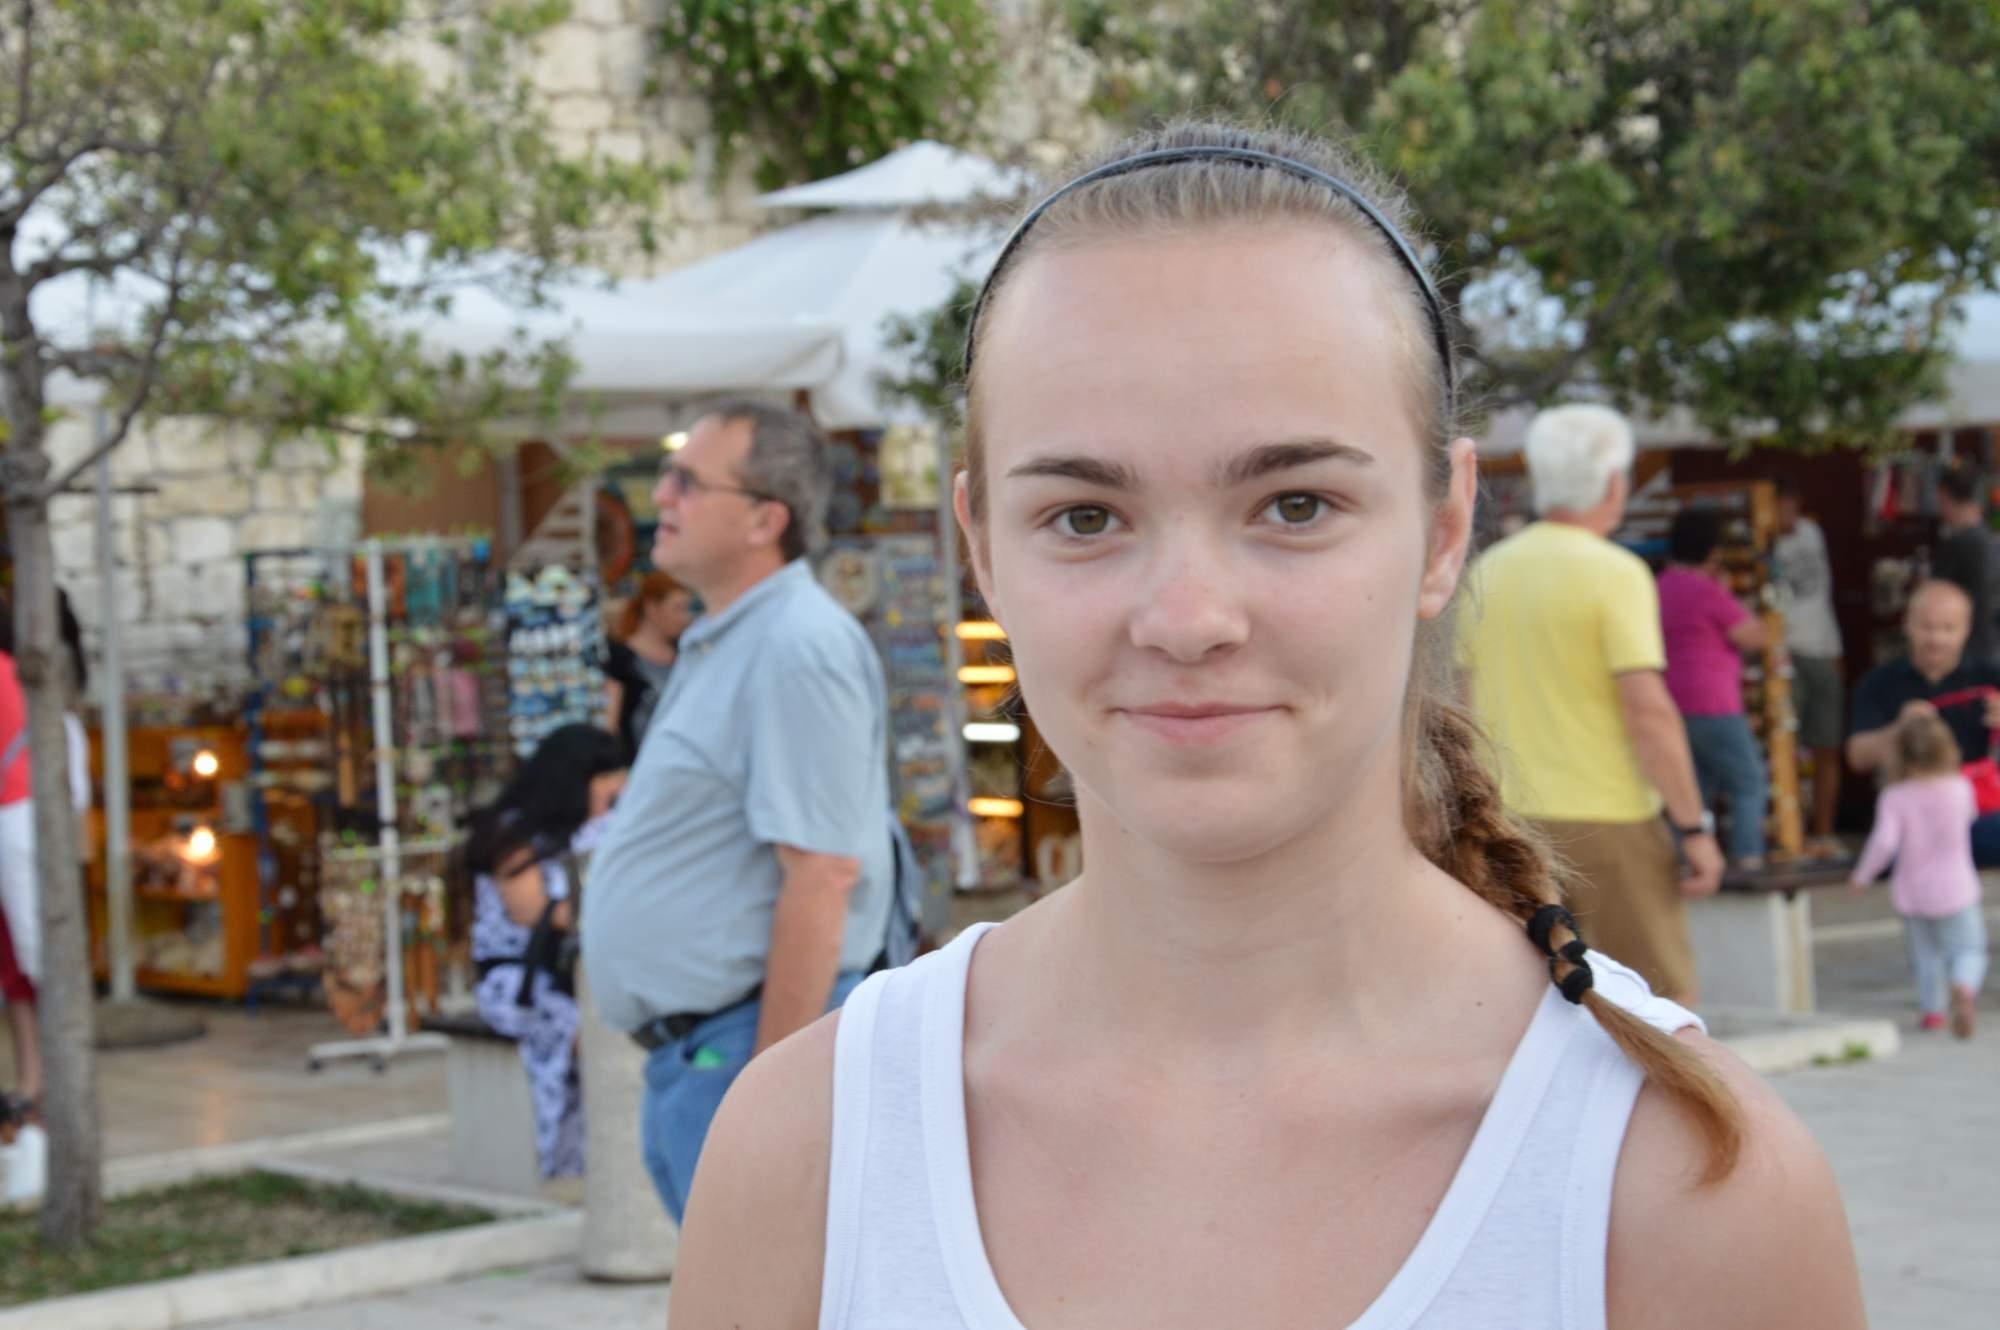 http://img19.rajce.idnes.cz/d1902/11/11369/11369498_ba1b1cc51aa2b100ecd01c05fe1b9075/images/DSC_0101.jpg